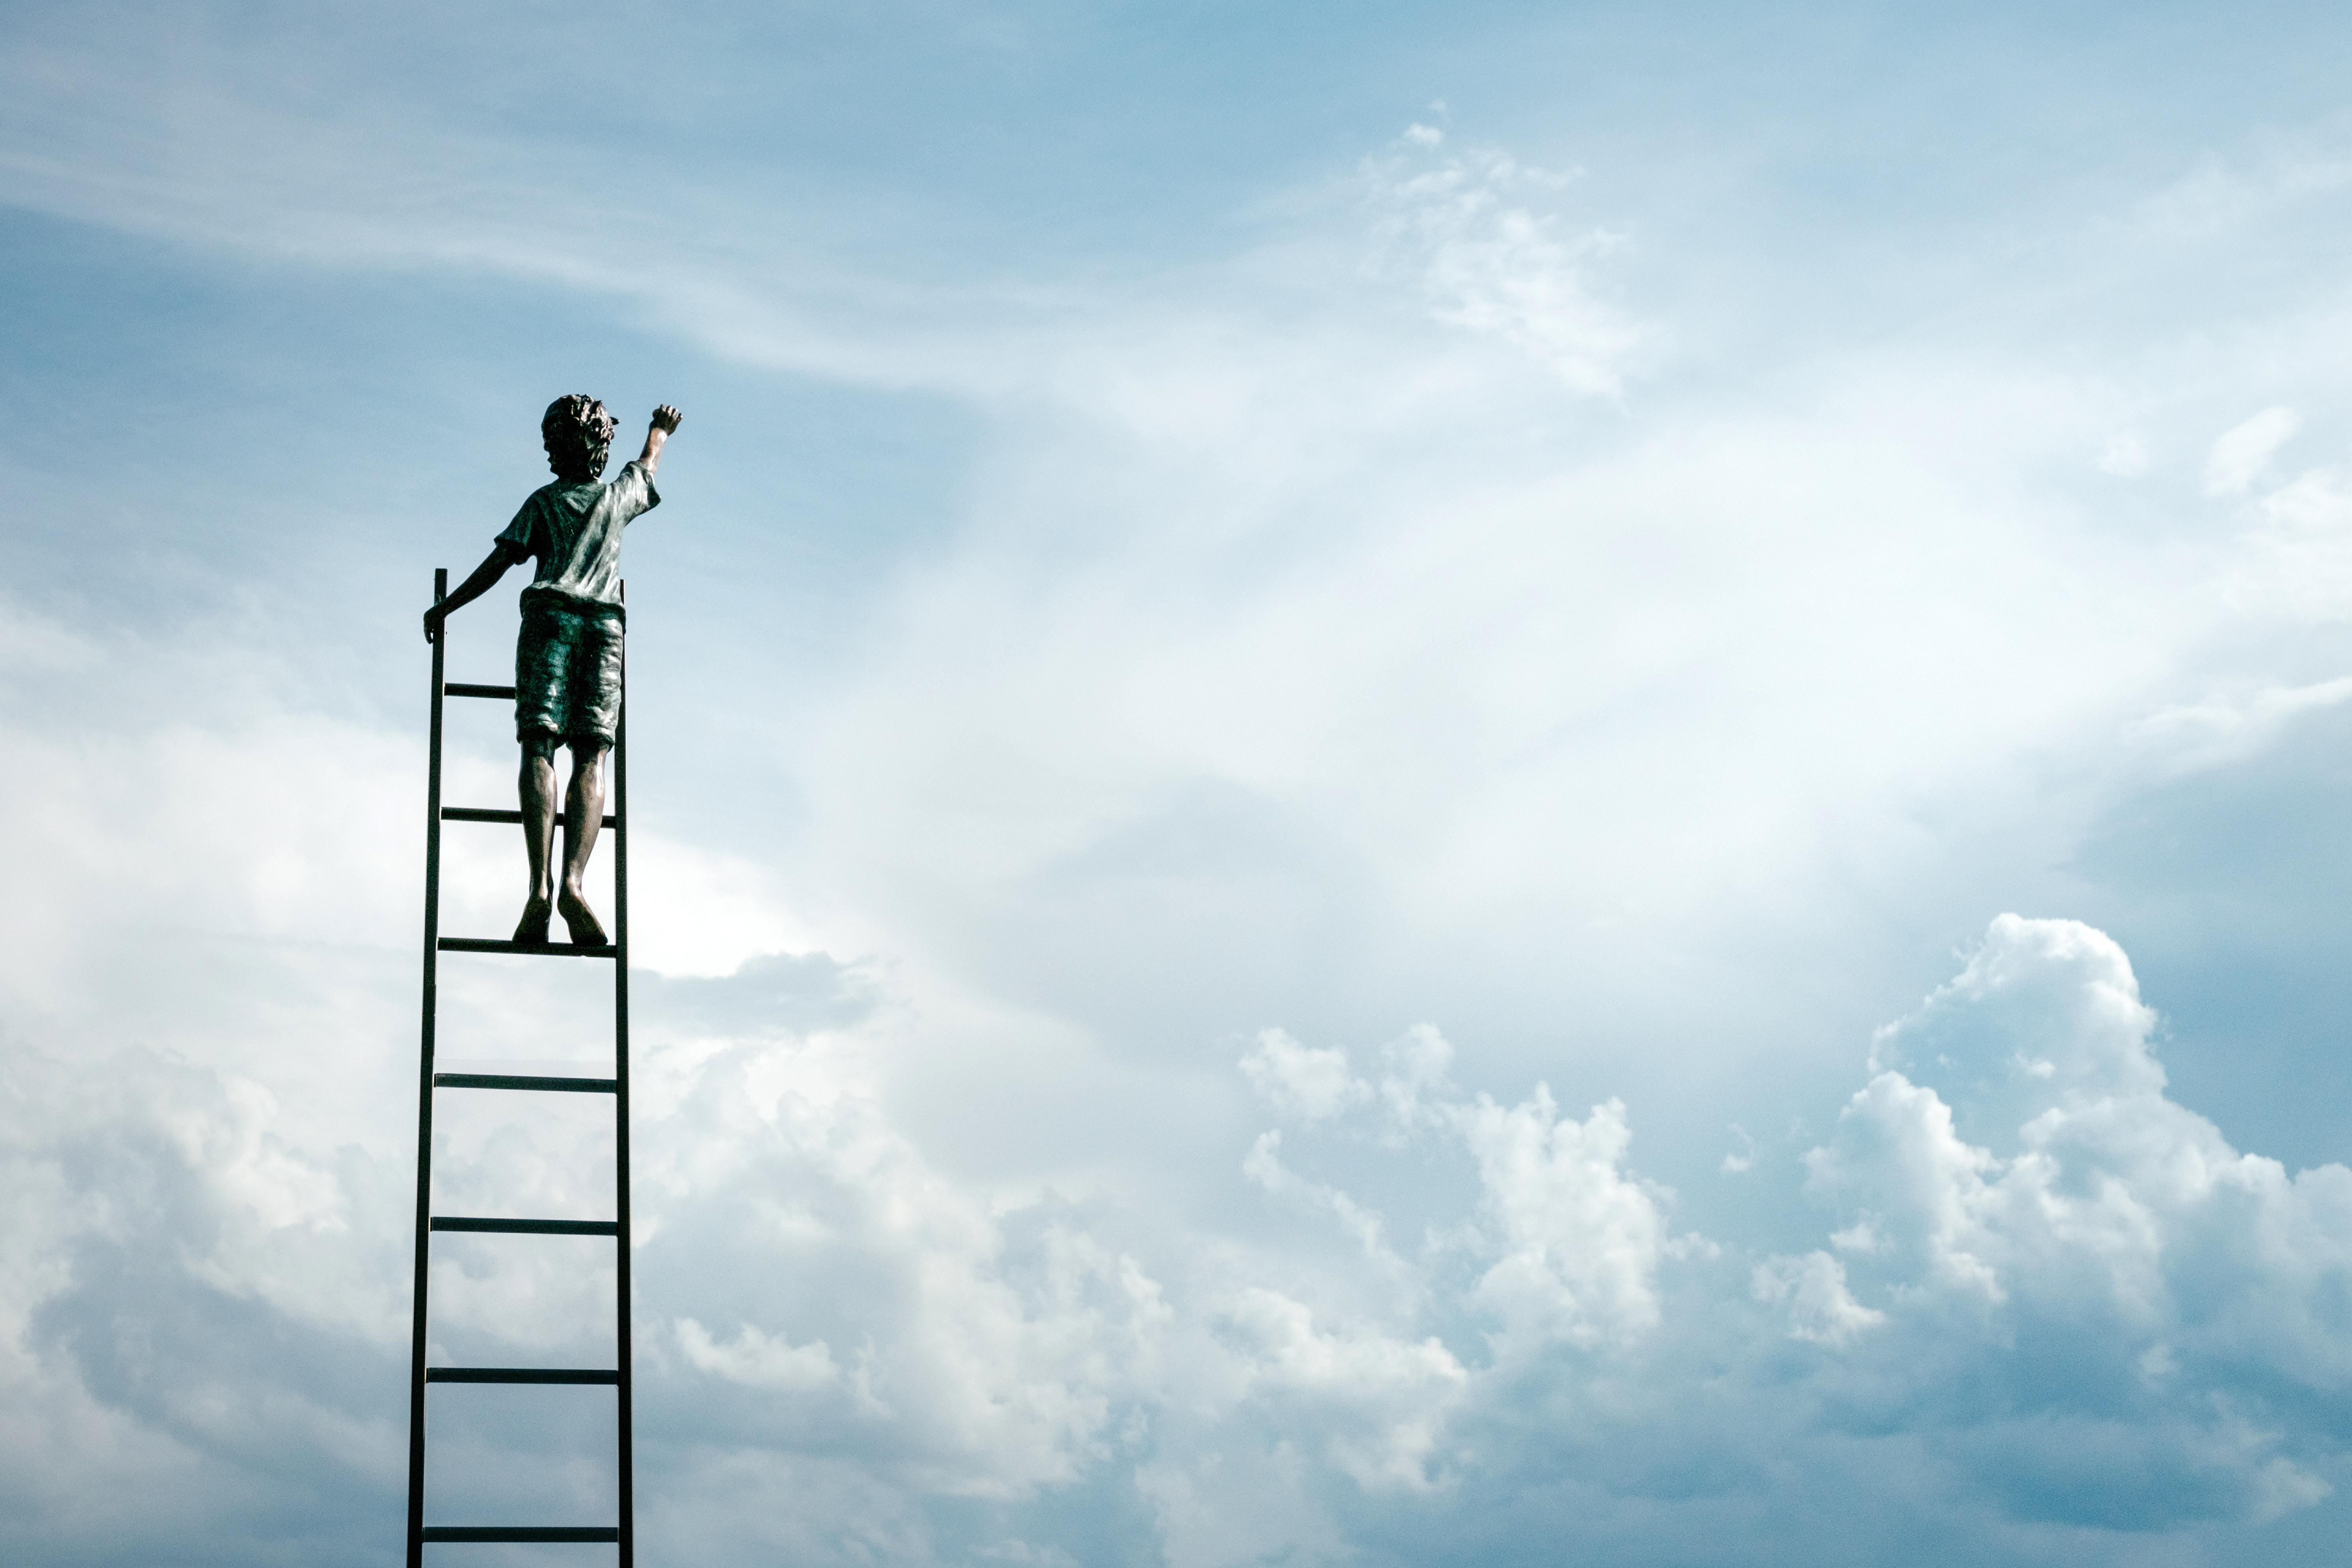 Karkoli si um lahko zamisli in verjame, lahko doseže.